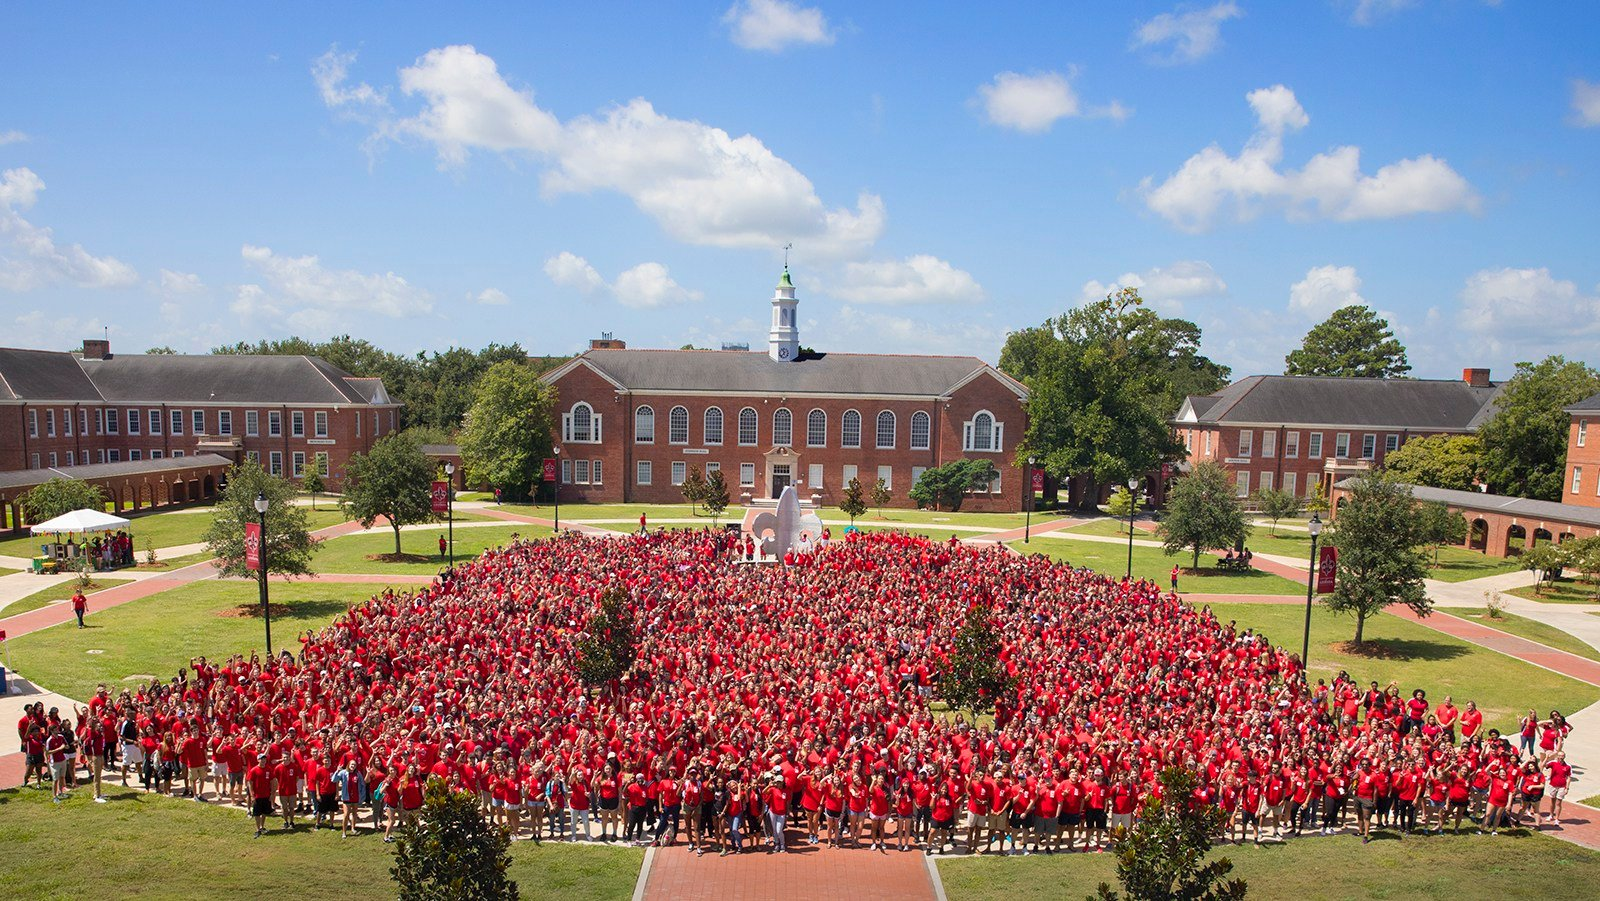 Credit: Doug Dugas/University of Louisiana at Lafayette